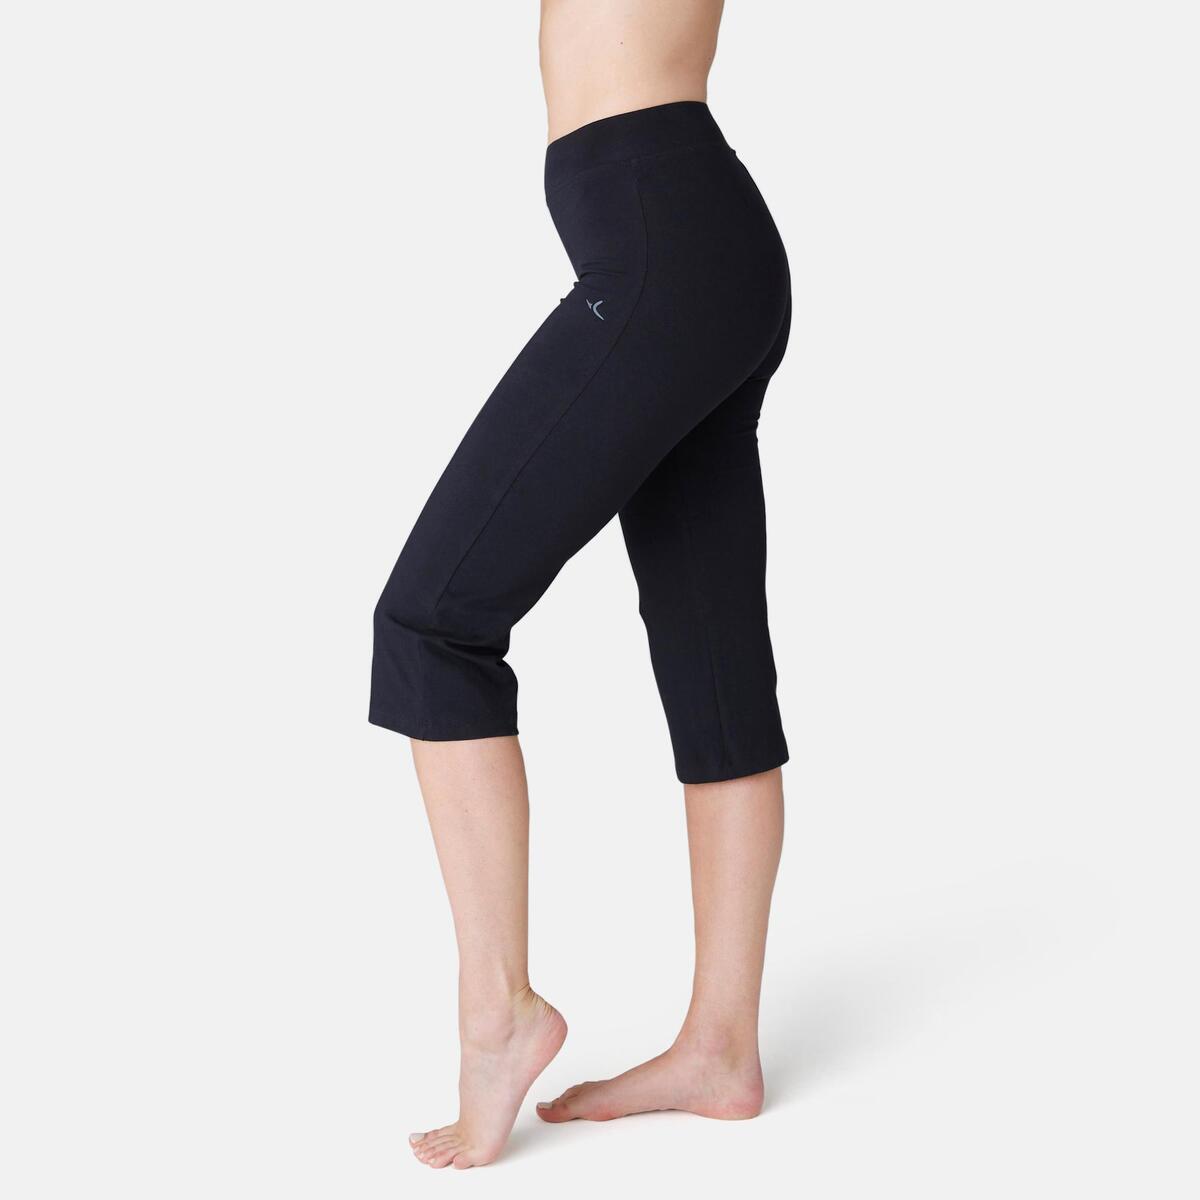 Bild 1 von 3/4-Hose Fit+ 500 Regular Gym & Pilates Damen schwarz